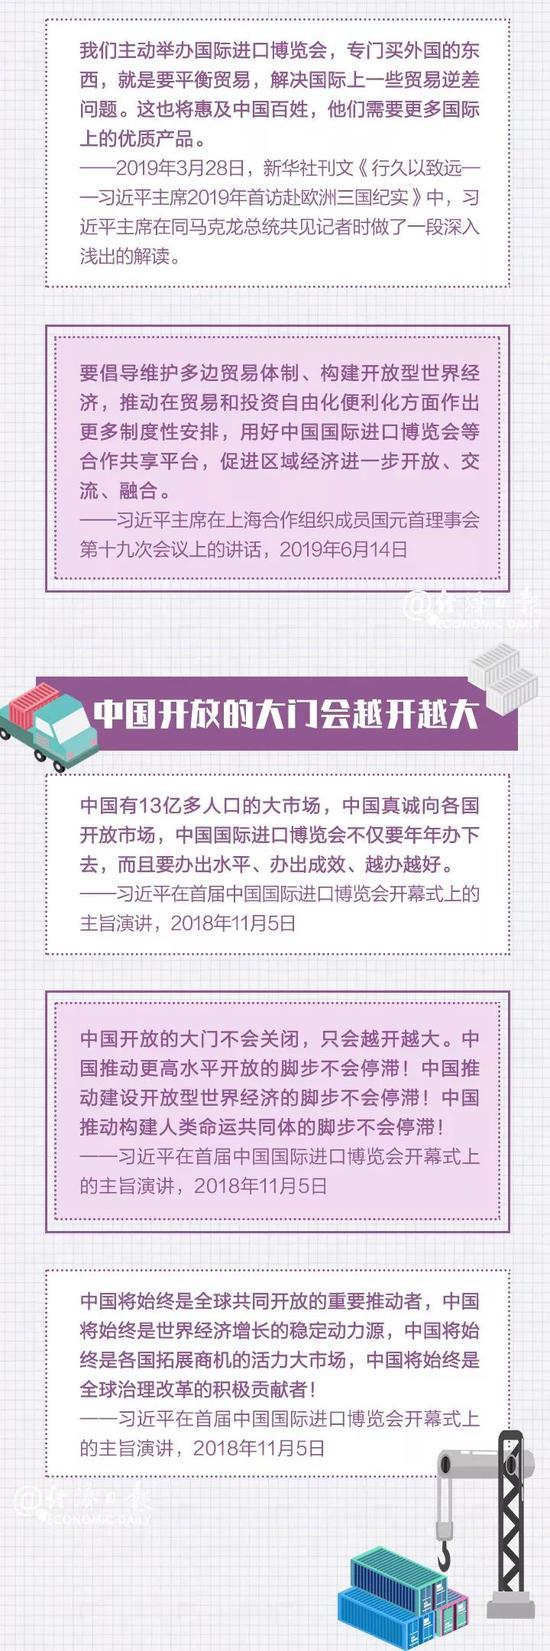 伟易博平台网投 - 龙江健儿刘佳宇、蔡雪桐包揽U型场地世界杯分站冠亚军